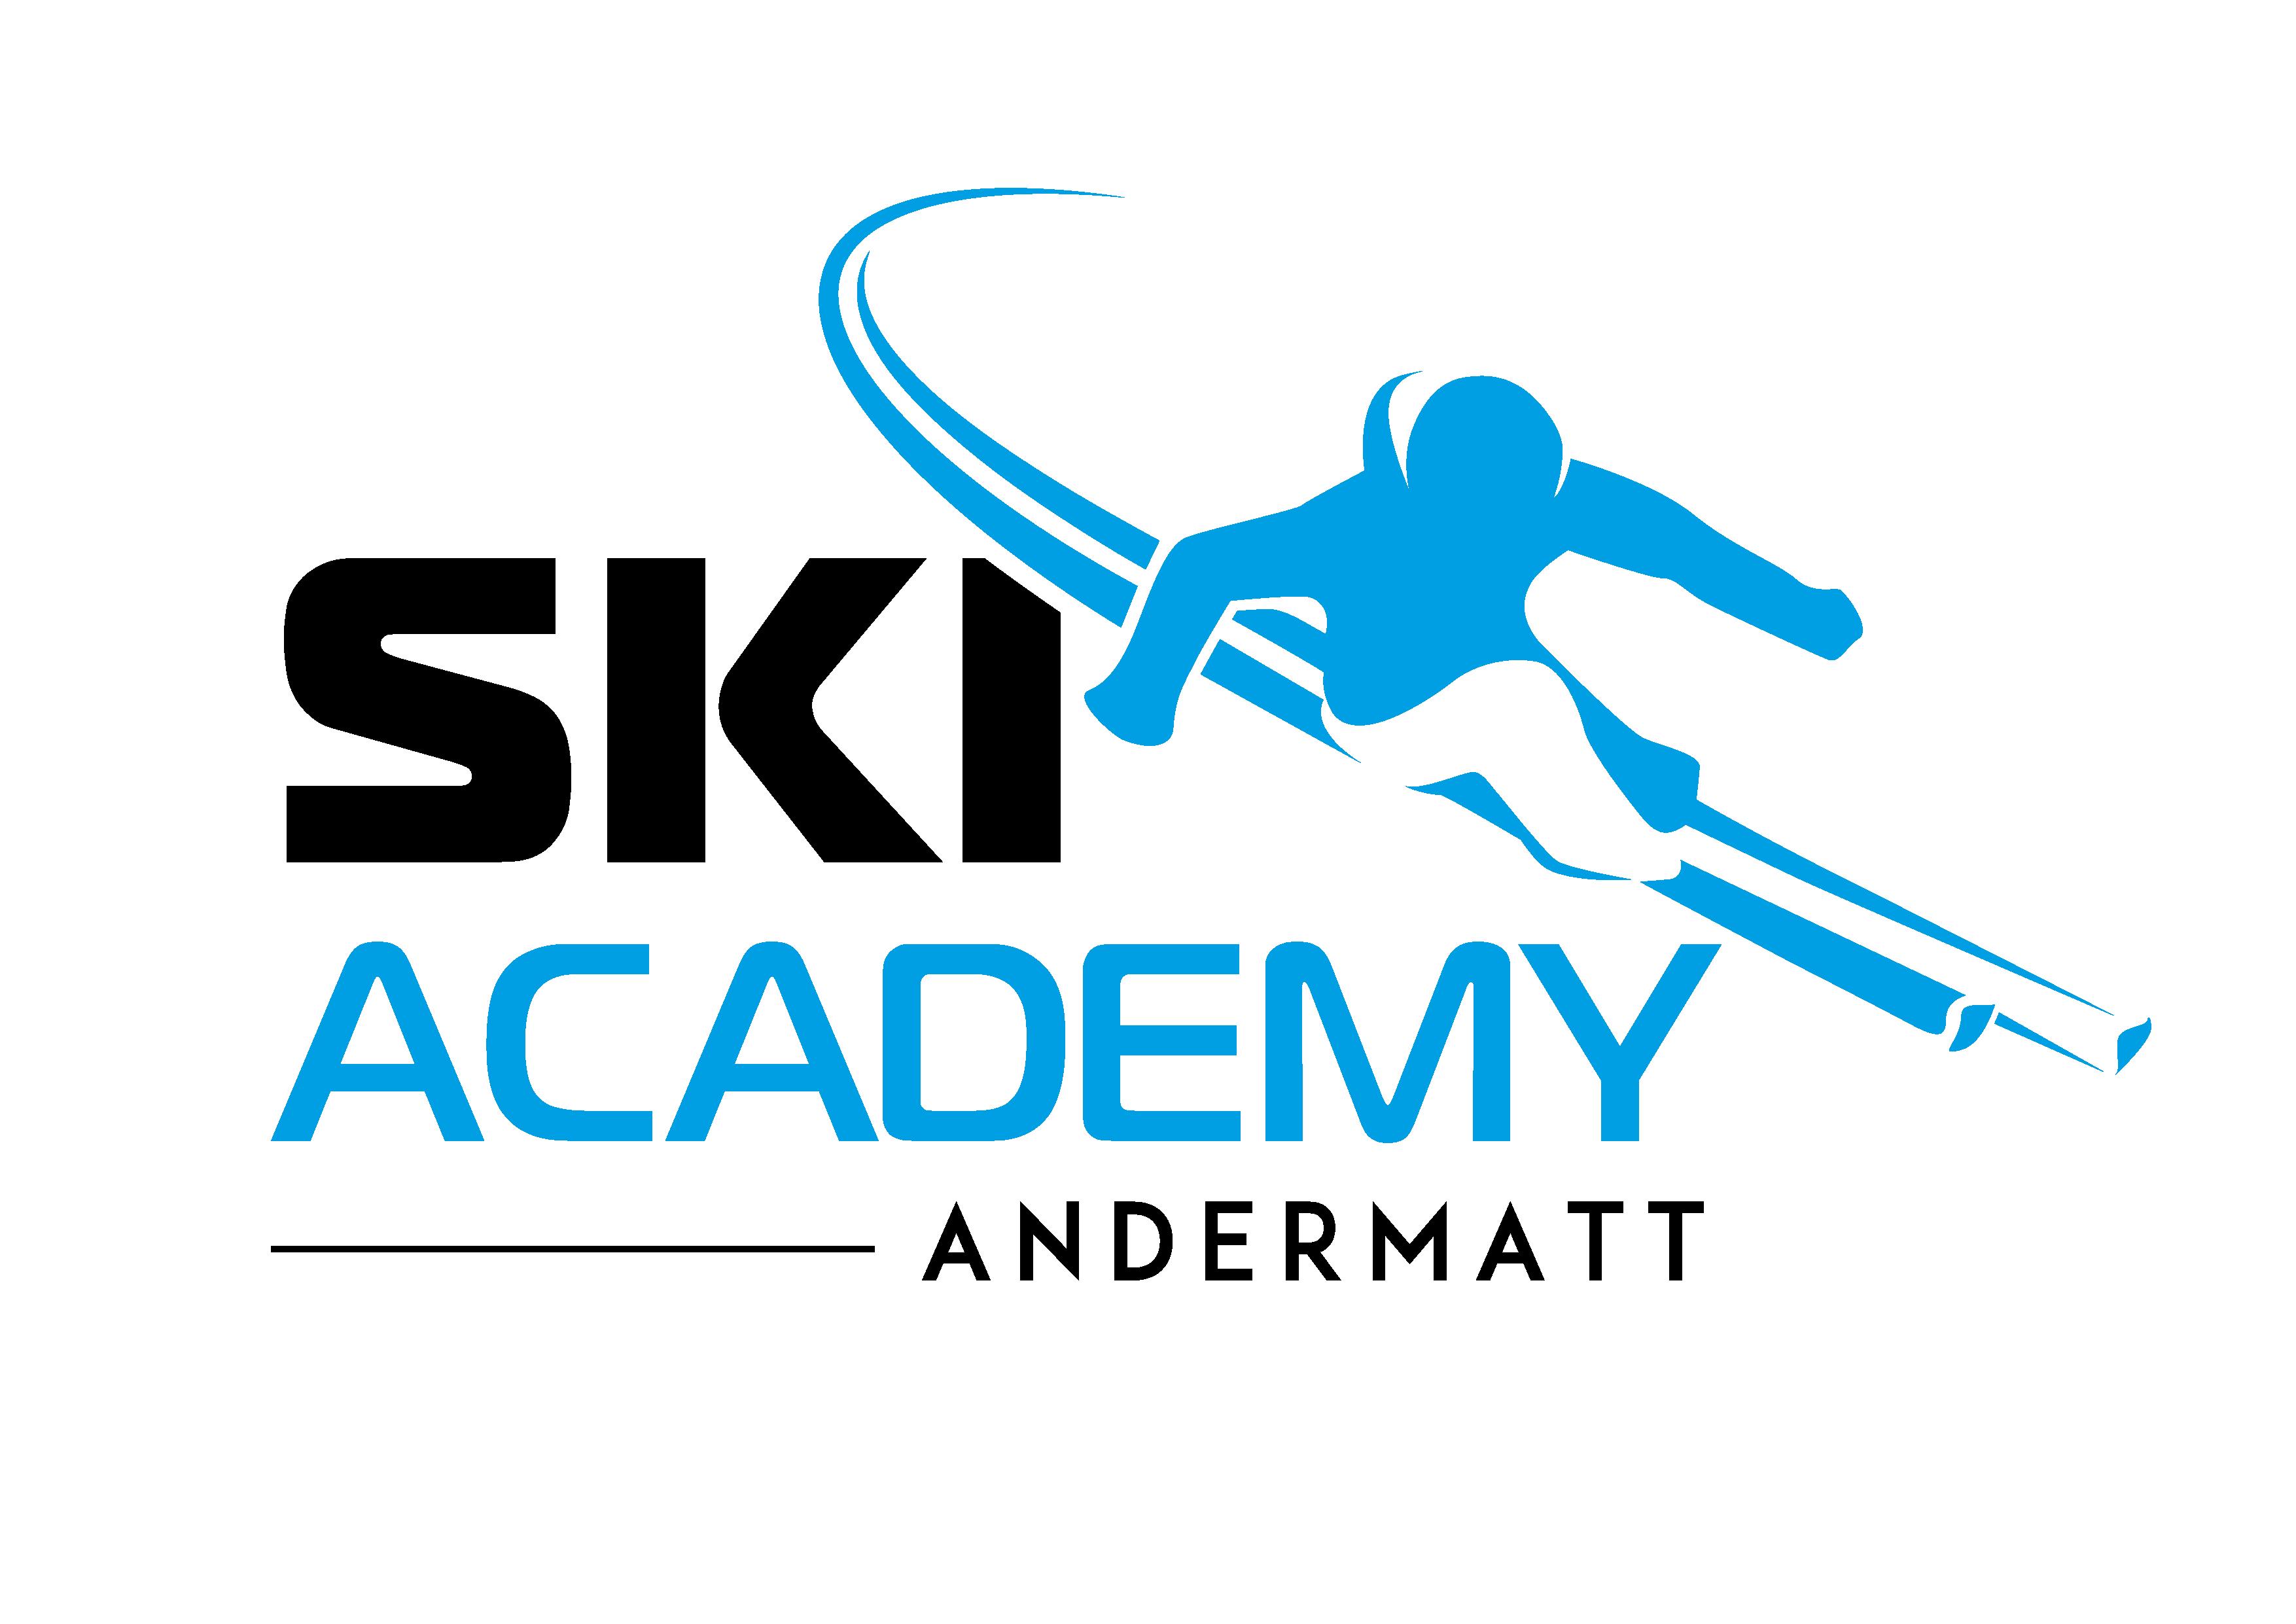 Ski Academy; Skischule; Andermatt; Logo; Skifahrer; Skifahren; Lernen